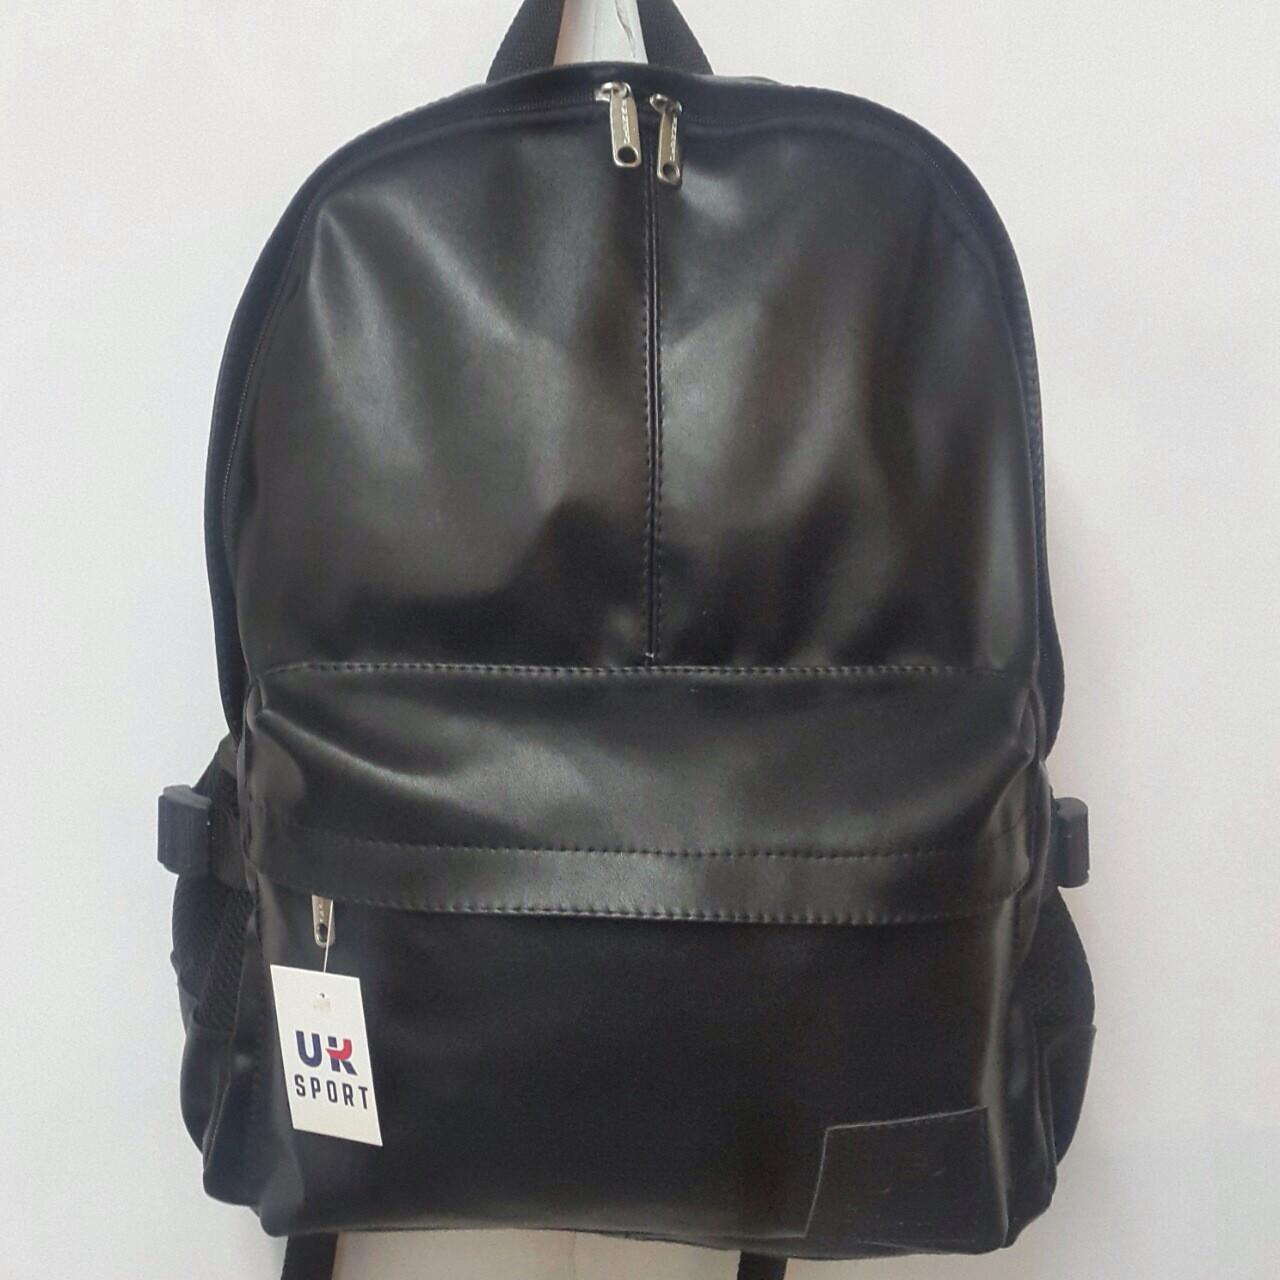 Спортивные рюкзаки интернет магазин украина портфели рюкзаки ранцы интернет магазины минск